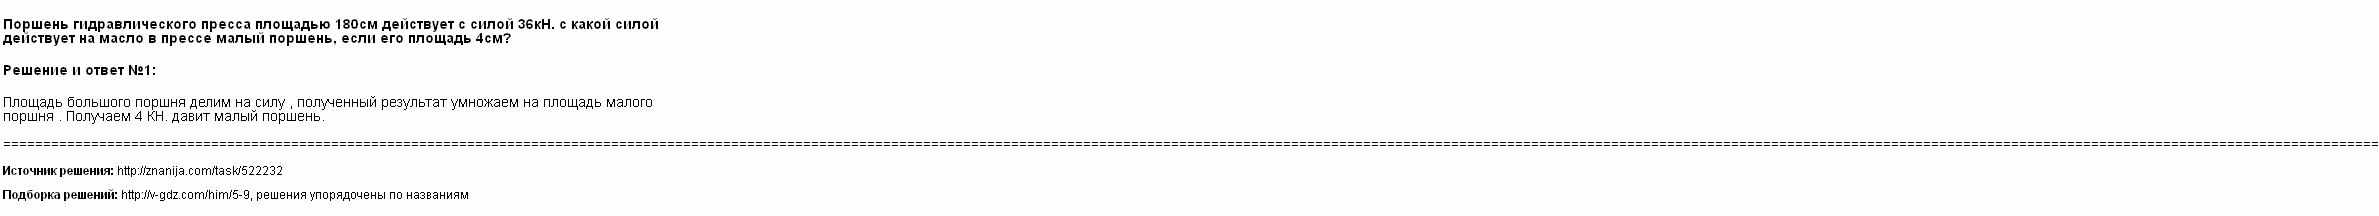 Решение <p>Поршень гидравлического пресса площадью 180см действует с силой 36кН. с какой силой действует на масло в прессе малый поршень, если его площадь 4см?</p>